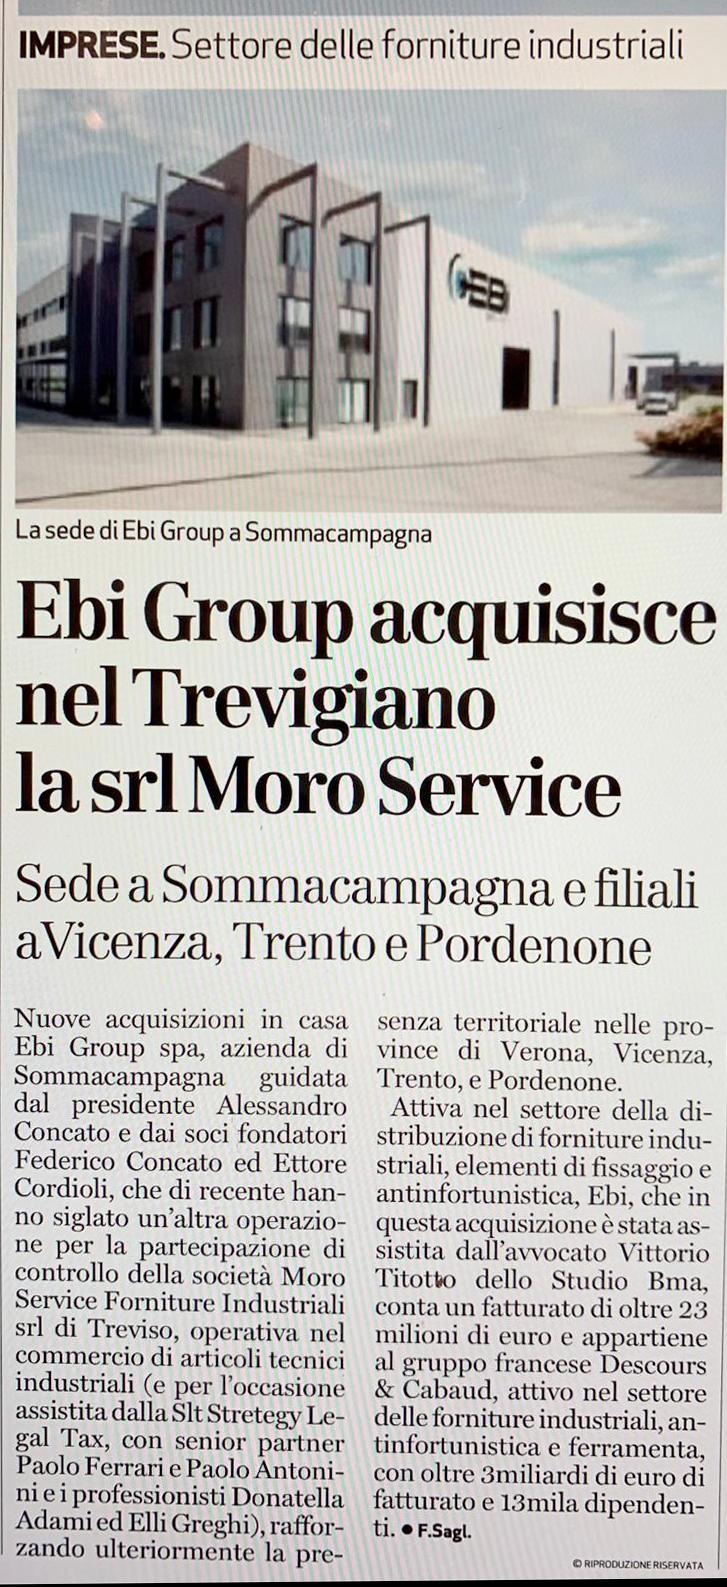 Articolo L'Arena cessione Morso service a Ebi Group